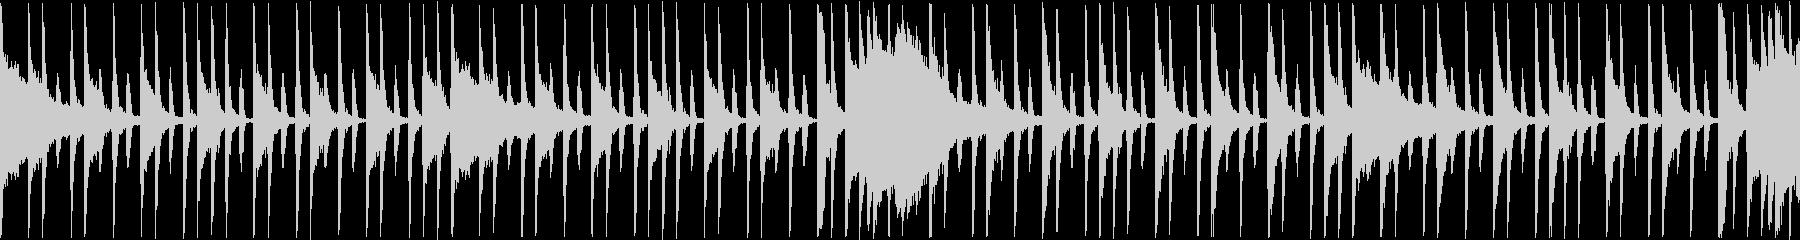 ロックドラム系のループBGMの未再生の波形